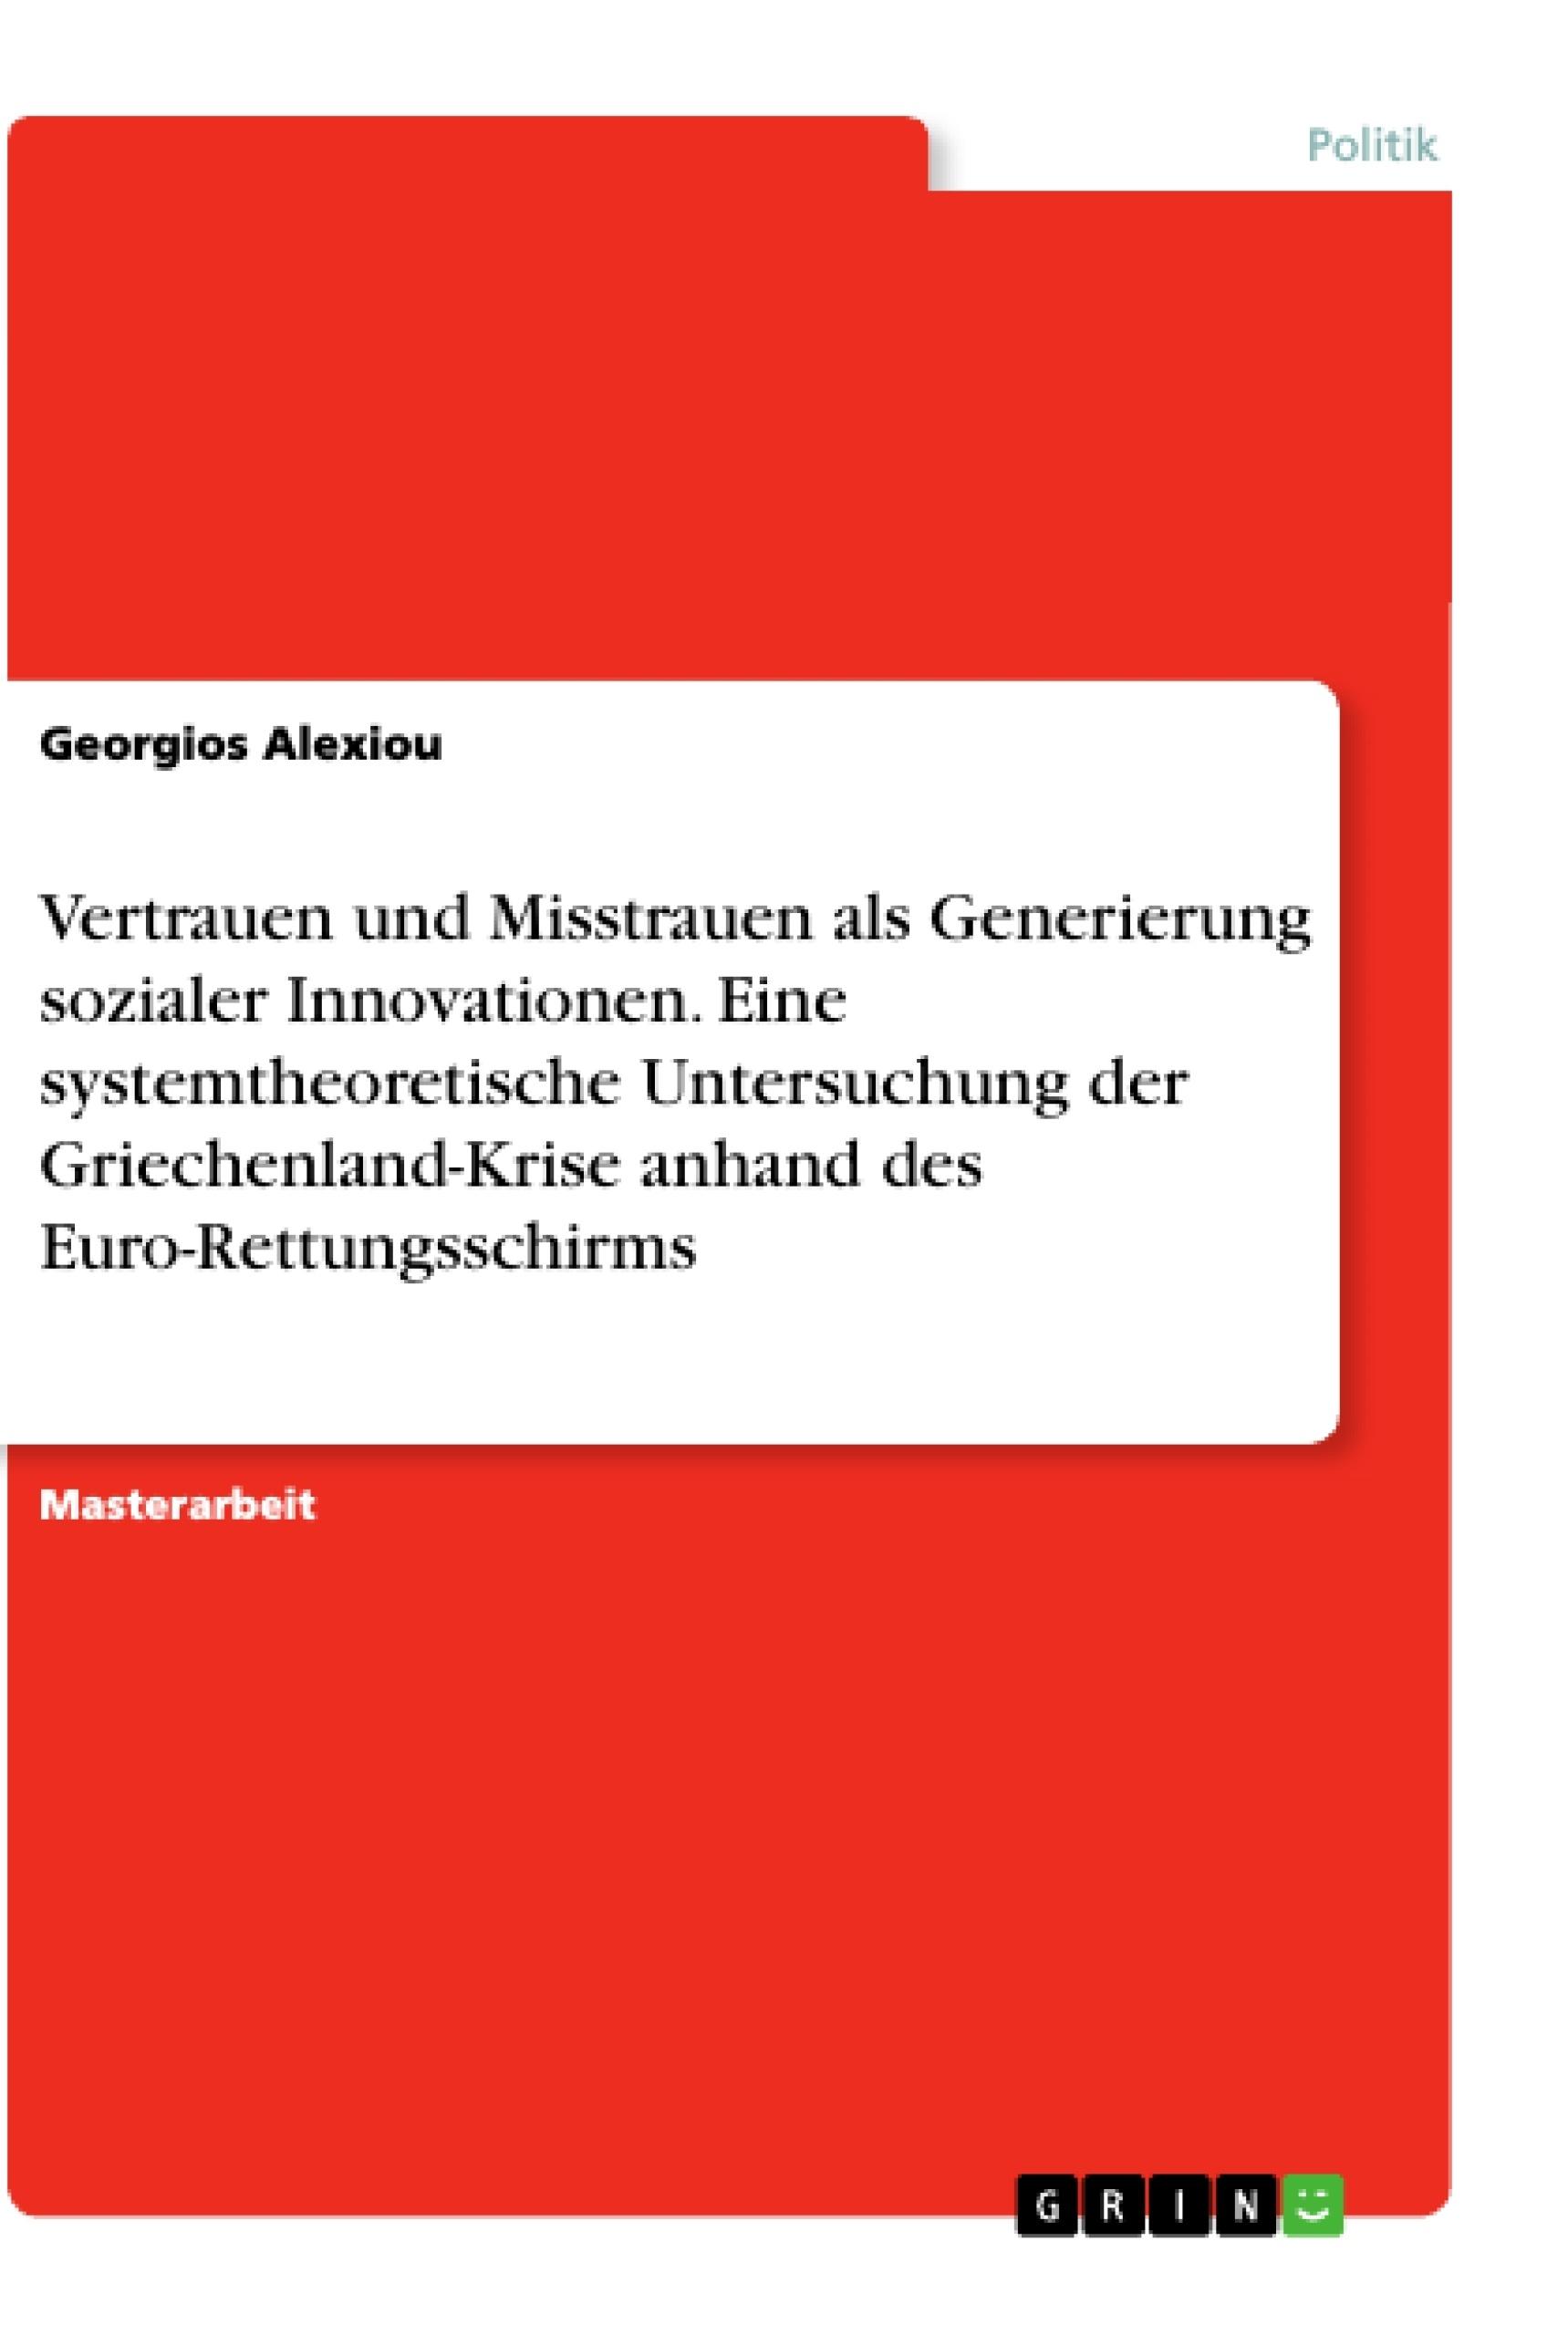 Titel: Vertrauen und Misstrauen als Generierung sozialer Innovationen. Eine systemtheoretische Untersuchung der Griechenland-Krise anhand der Euro-Rettungsschirms